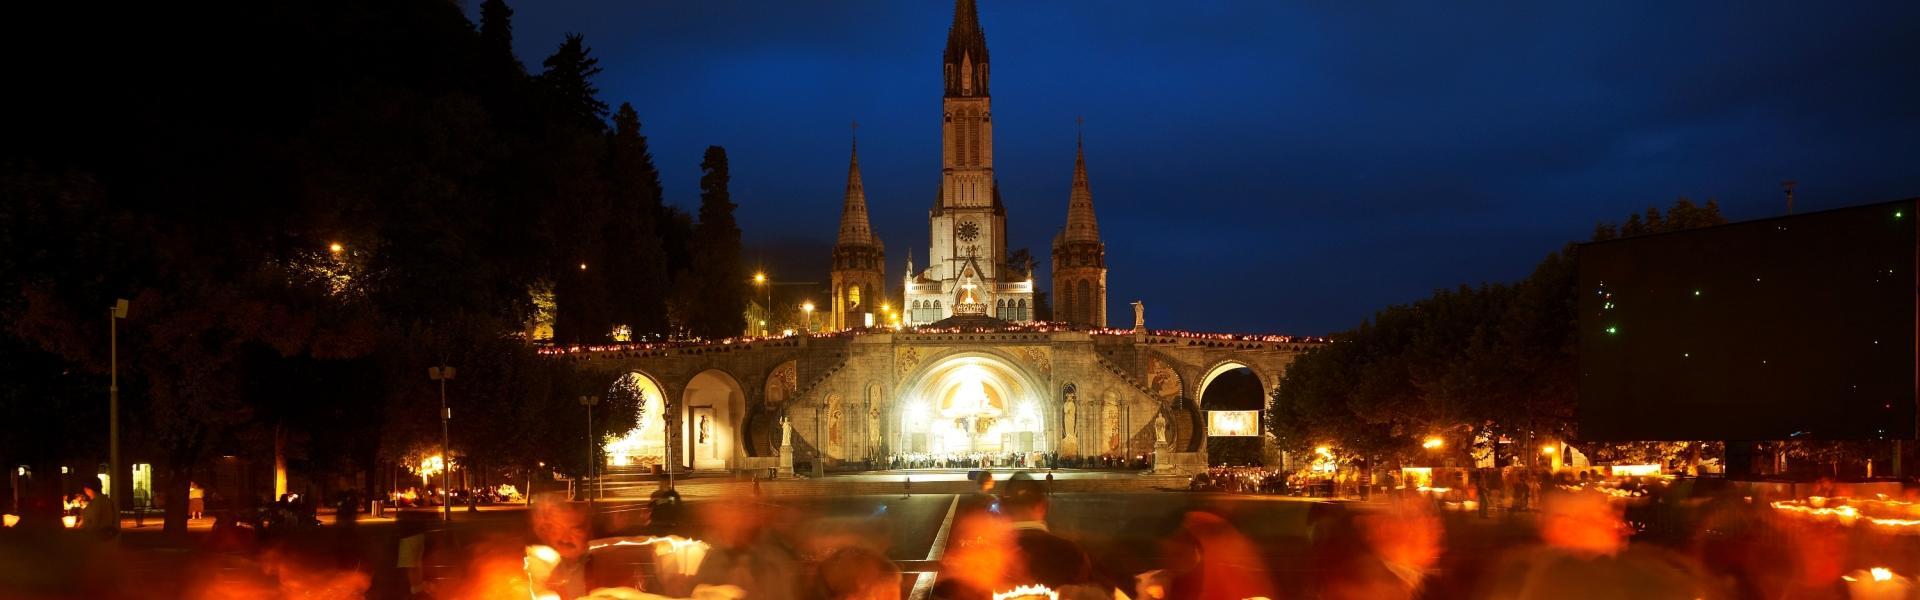 Lourdes Procession aux flambeaux